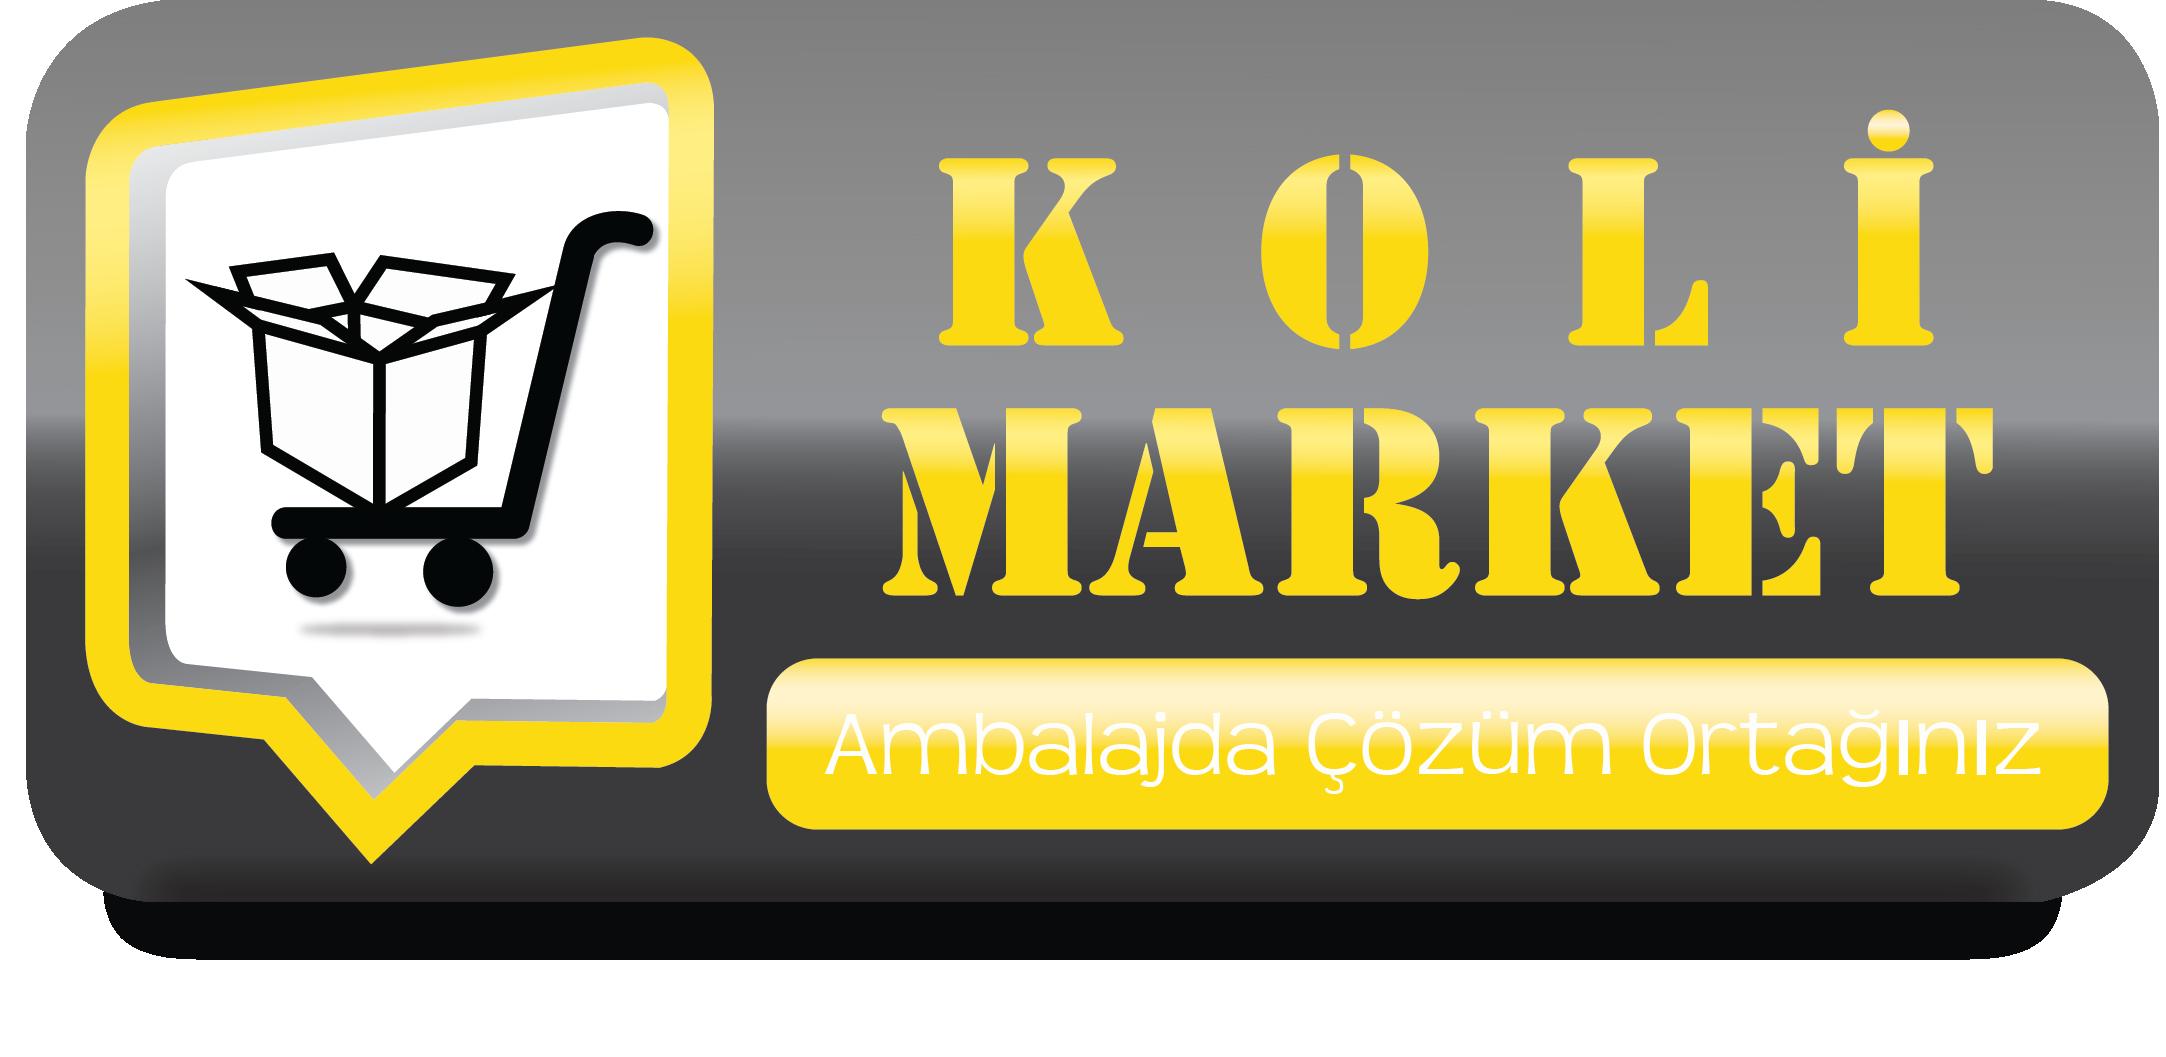 kolimarket logo